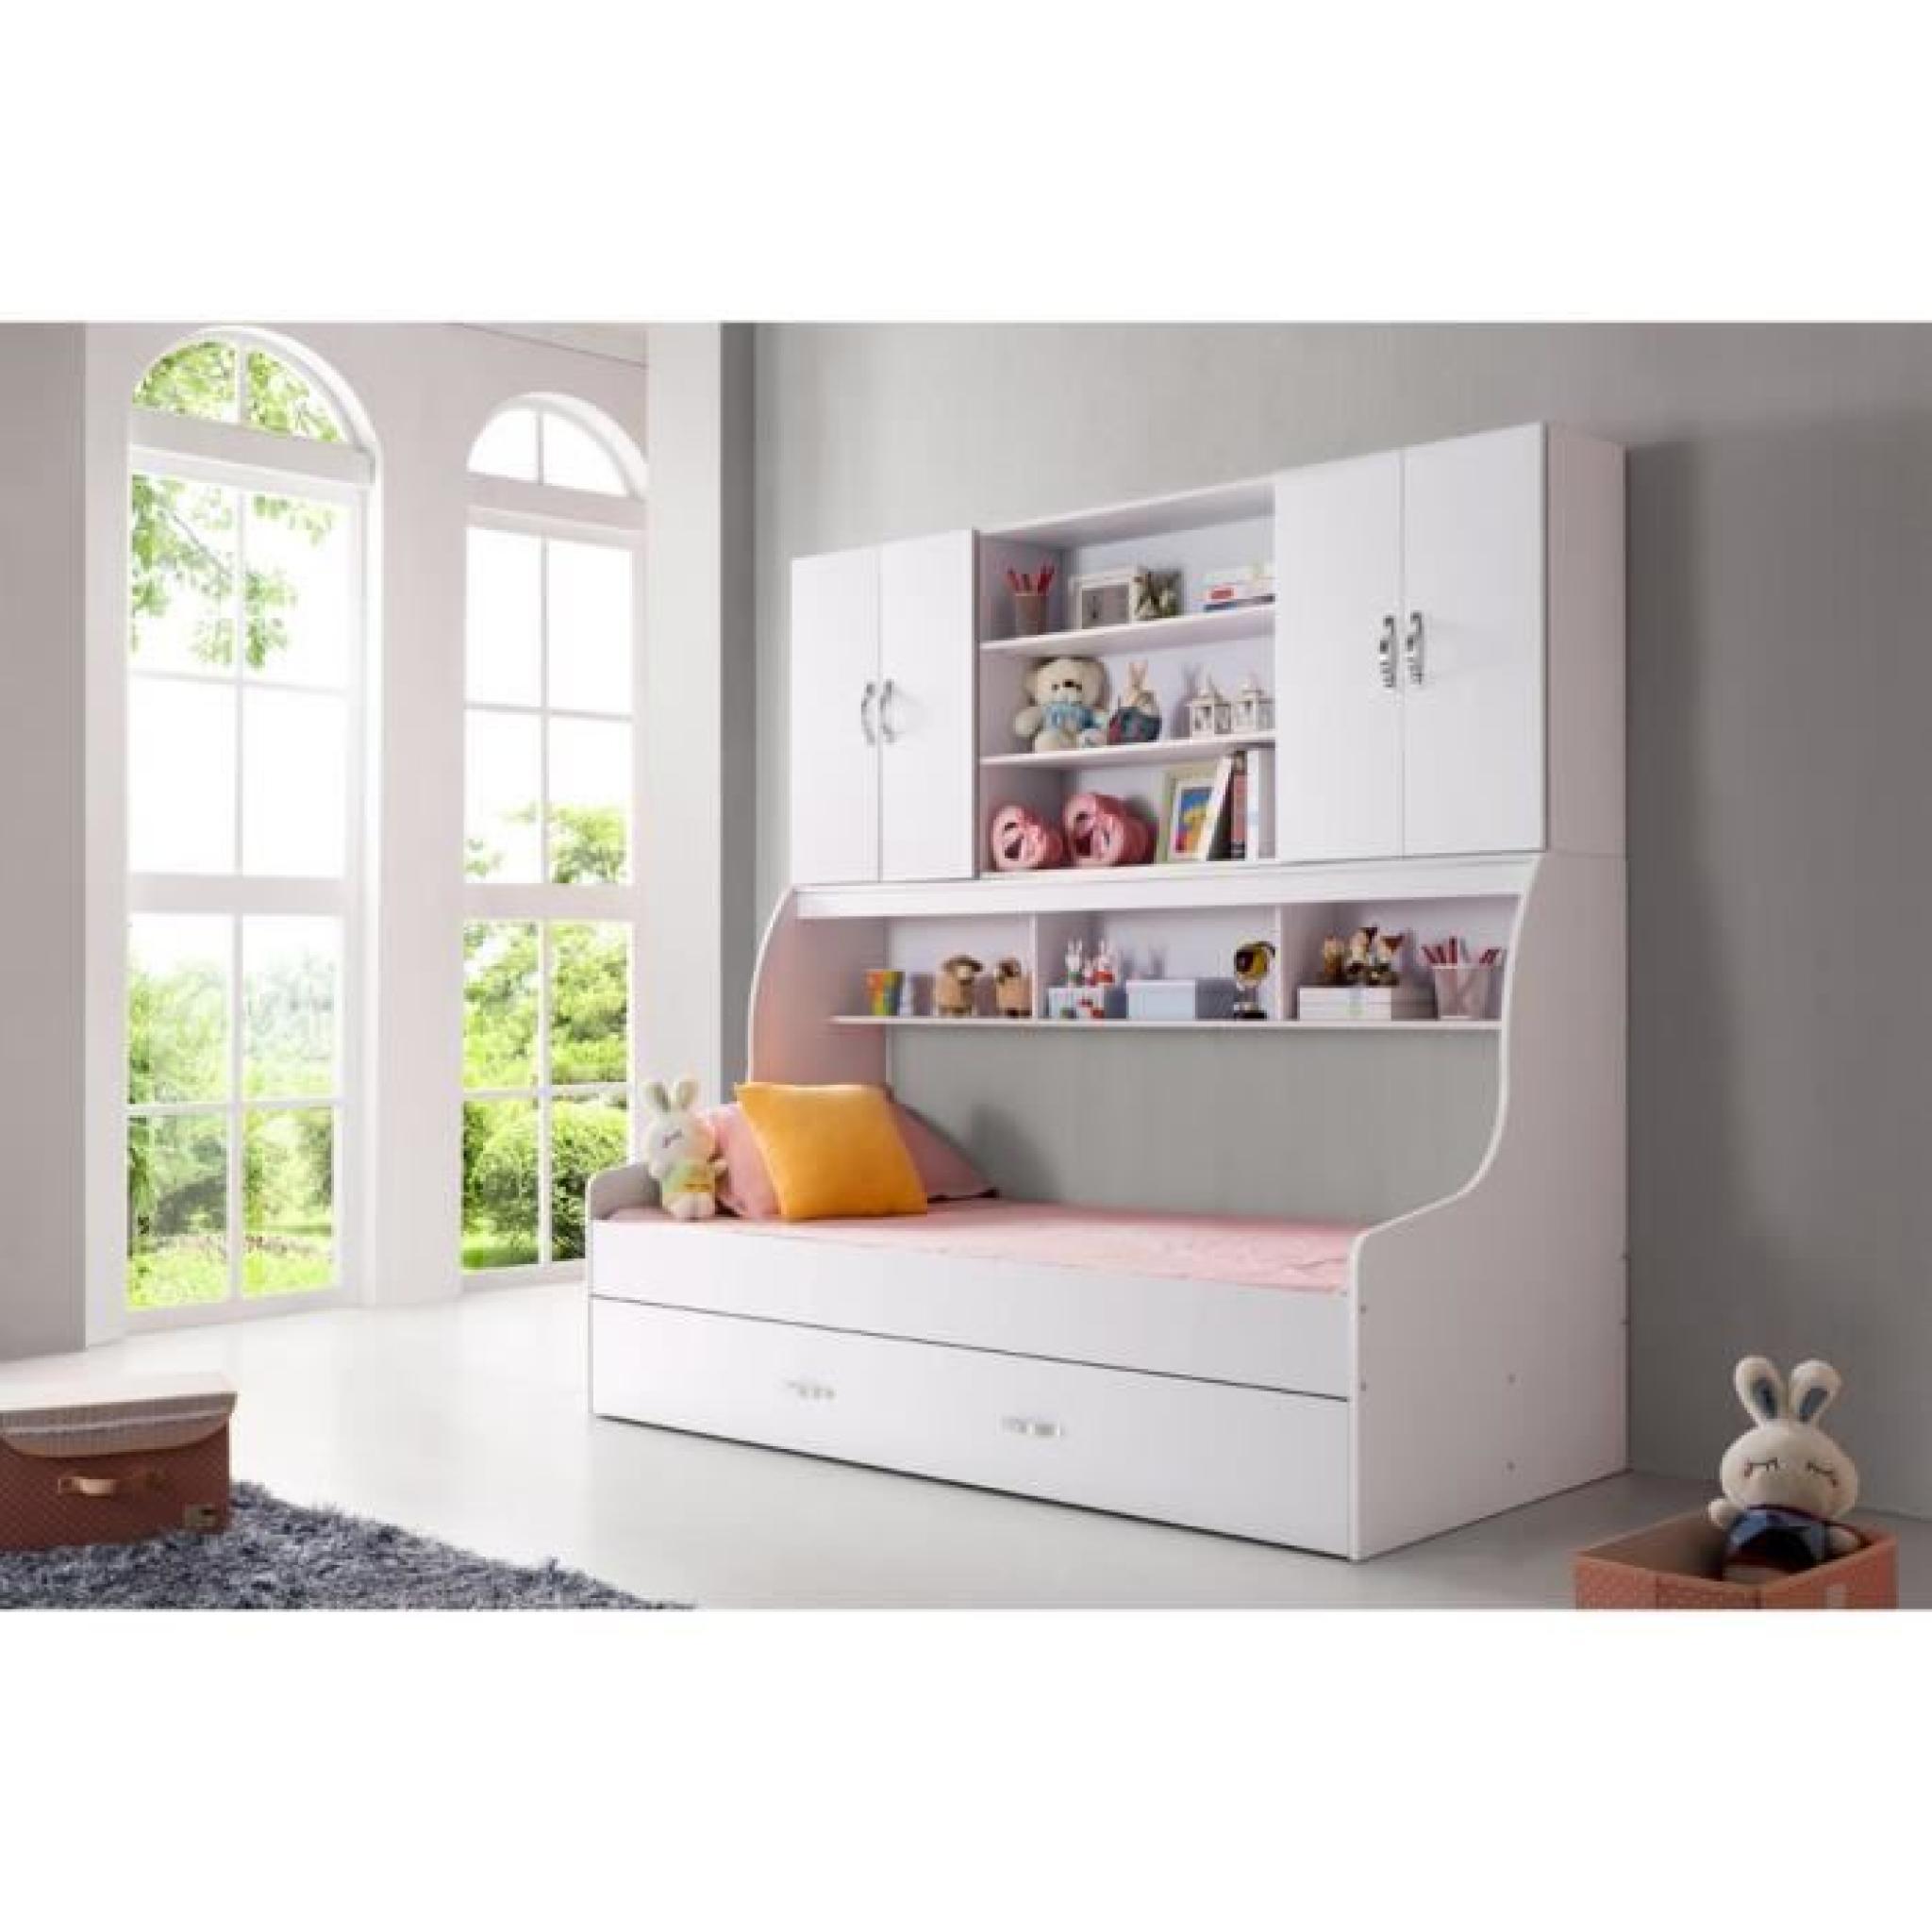 lit enfant blanc 90x200 avec tiroir et rangement mural achat vente lit enfant pas cher. Black Bedroom Furniture Sets. Home Design Ideas